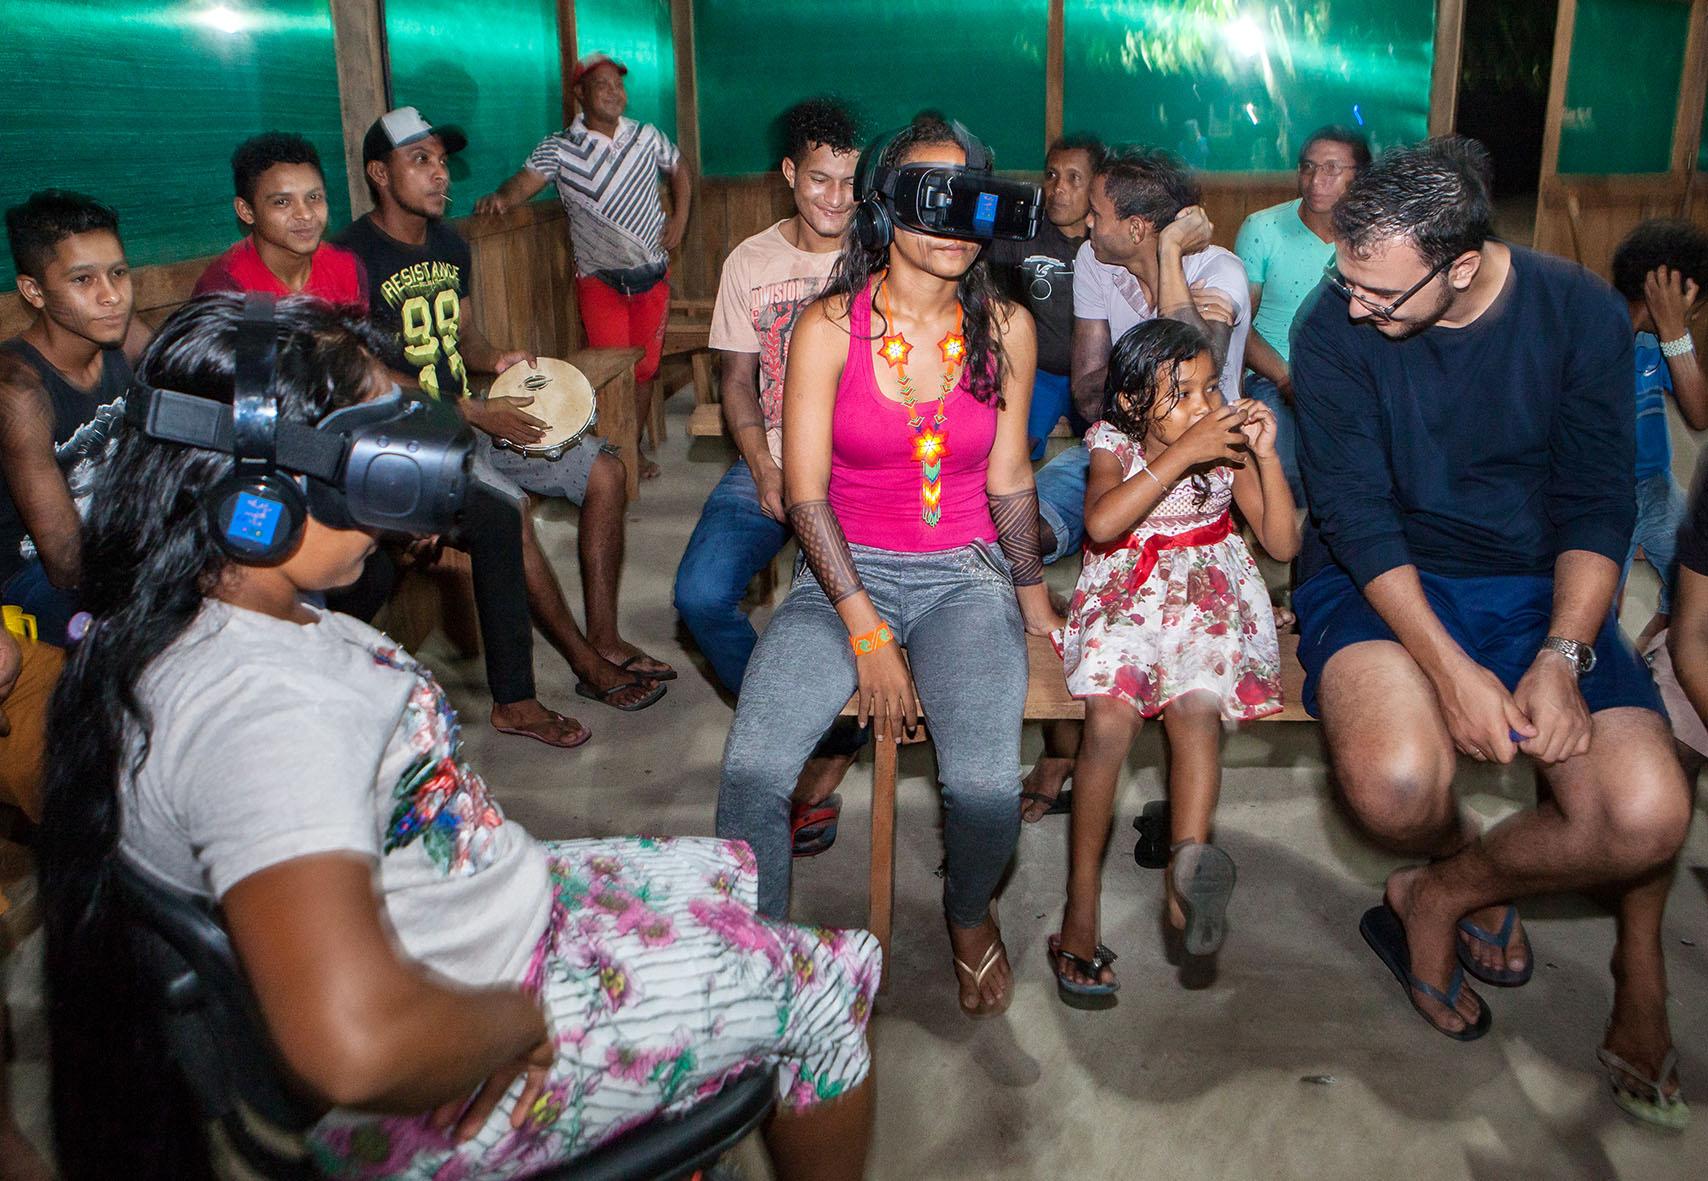 Várias pessoas estão sentadas próximas em bancos de madeira. Duas mulheres do grupo estão usando óculos de realidade virtual.